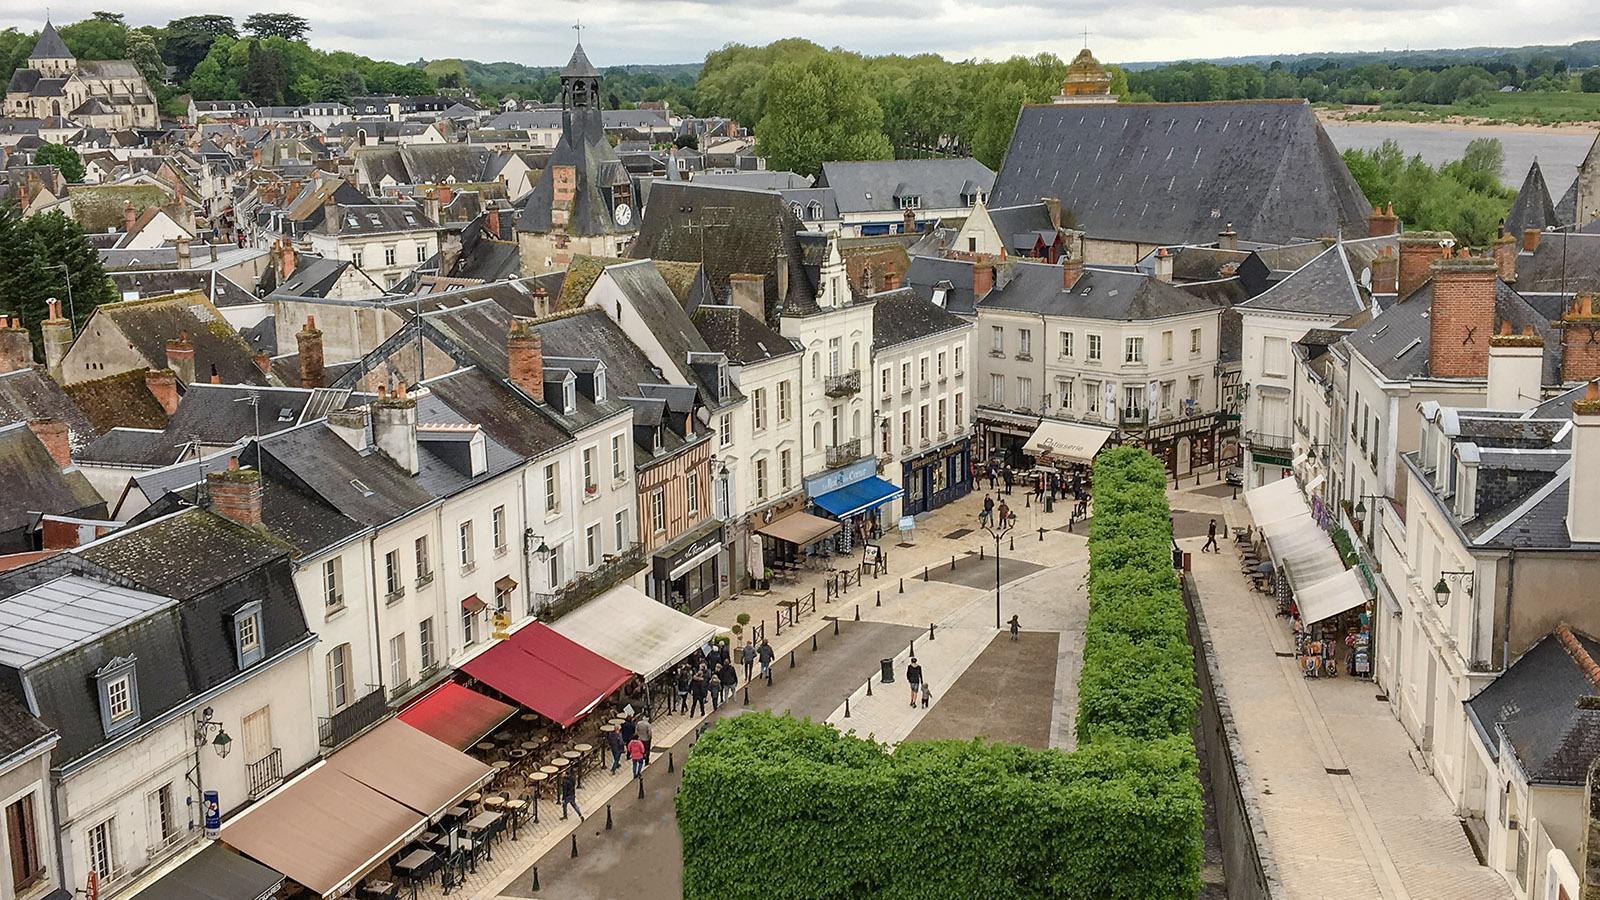 Loiretal der Schlösser: Blick auf Amboise vom Schloss aus. Foto: Hilke Maunder